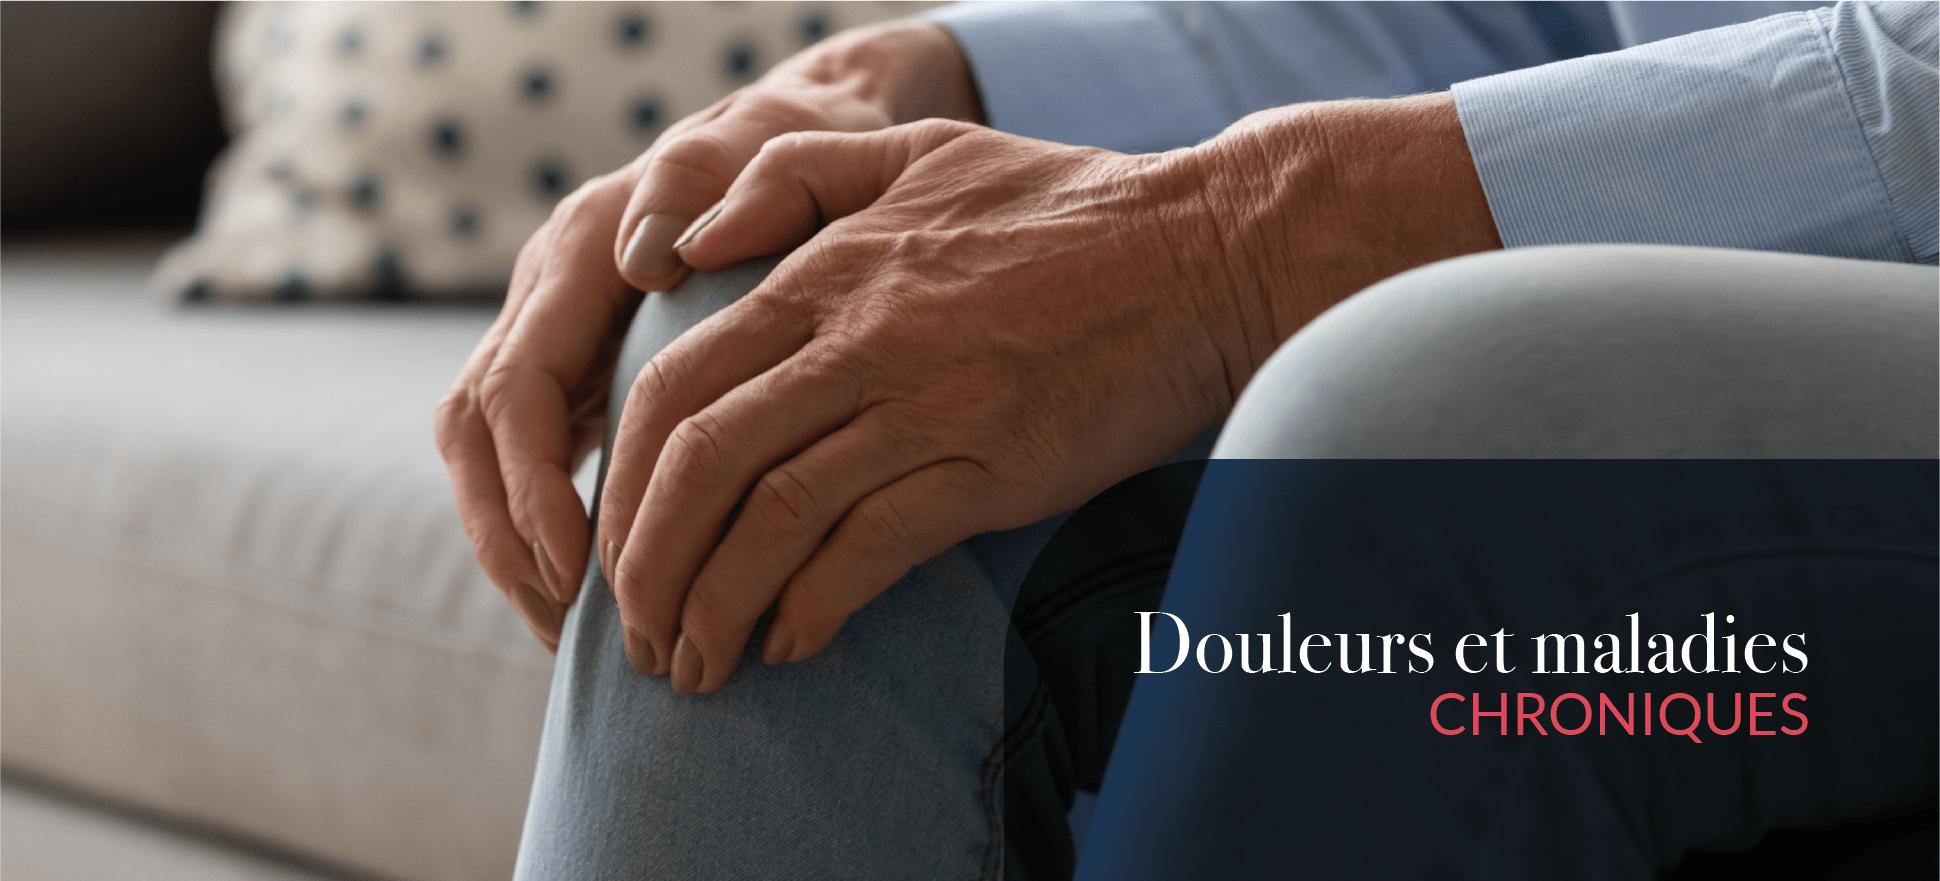 Douleurs et maladies chroniques